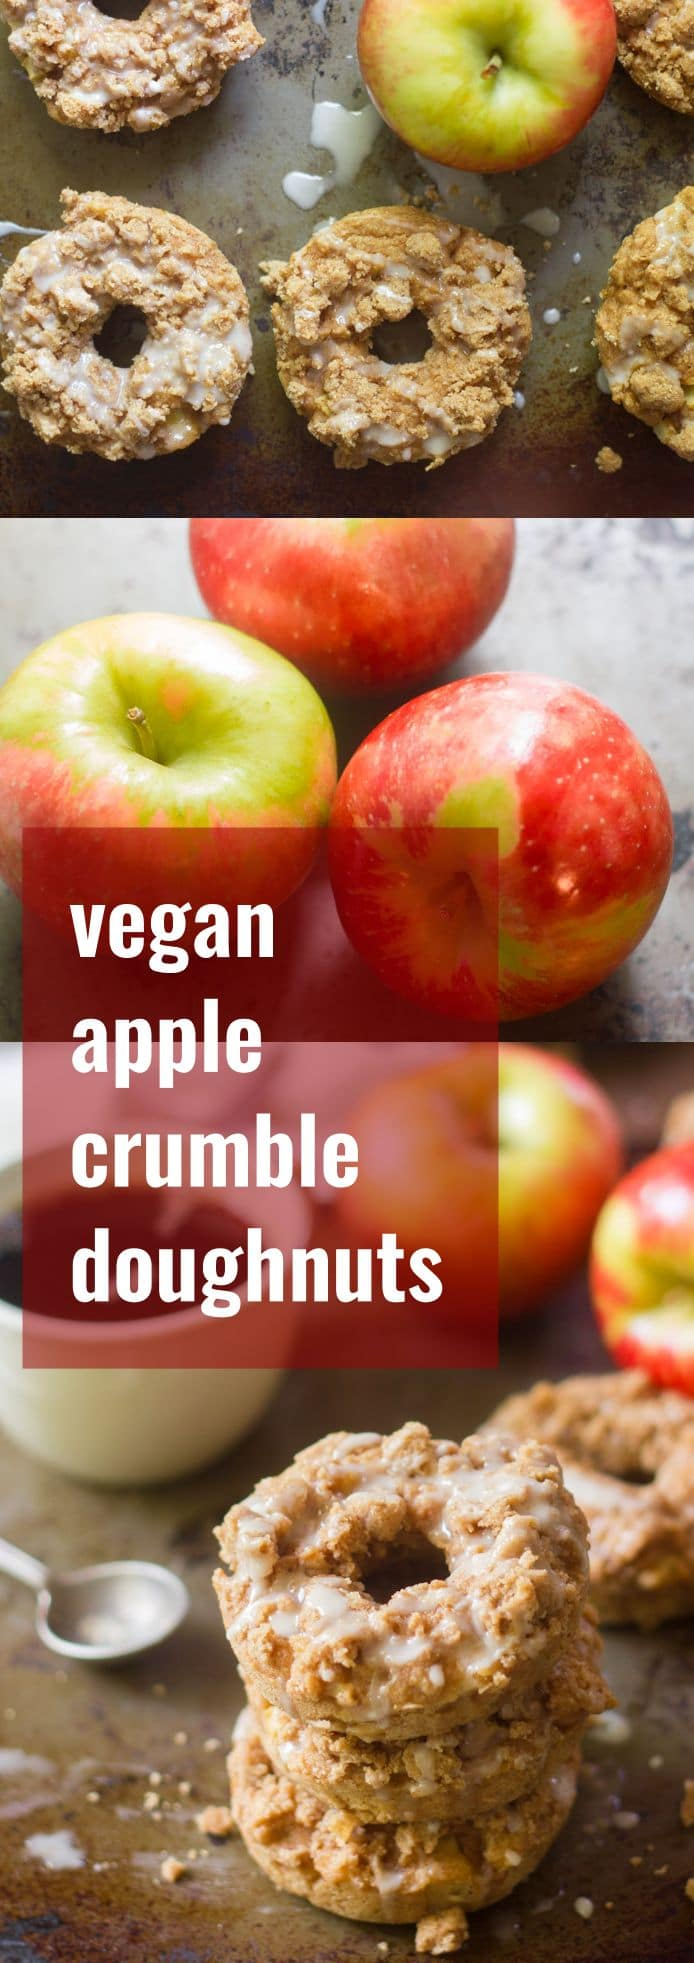 Vegan Apple Crumble Doughnuts